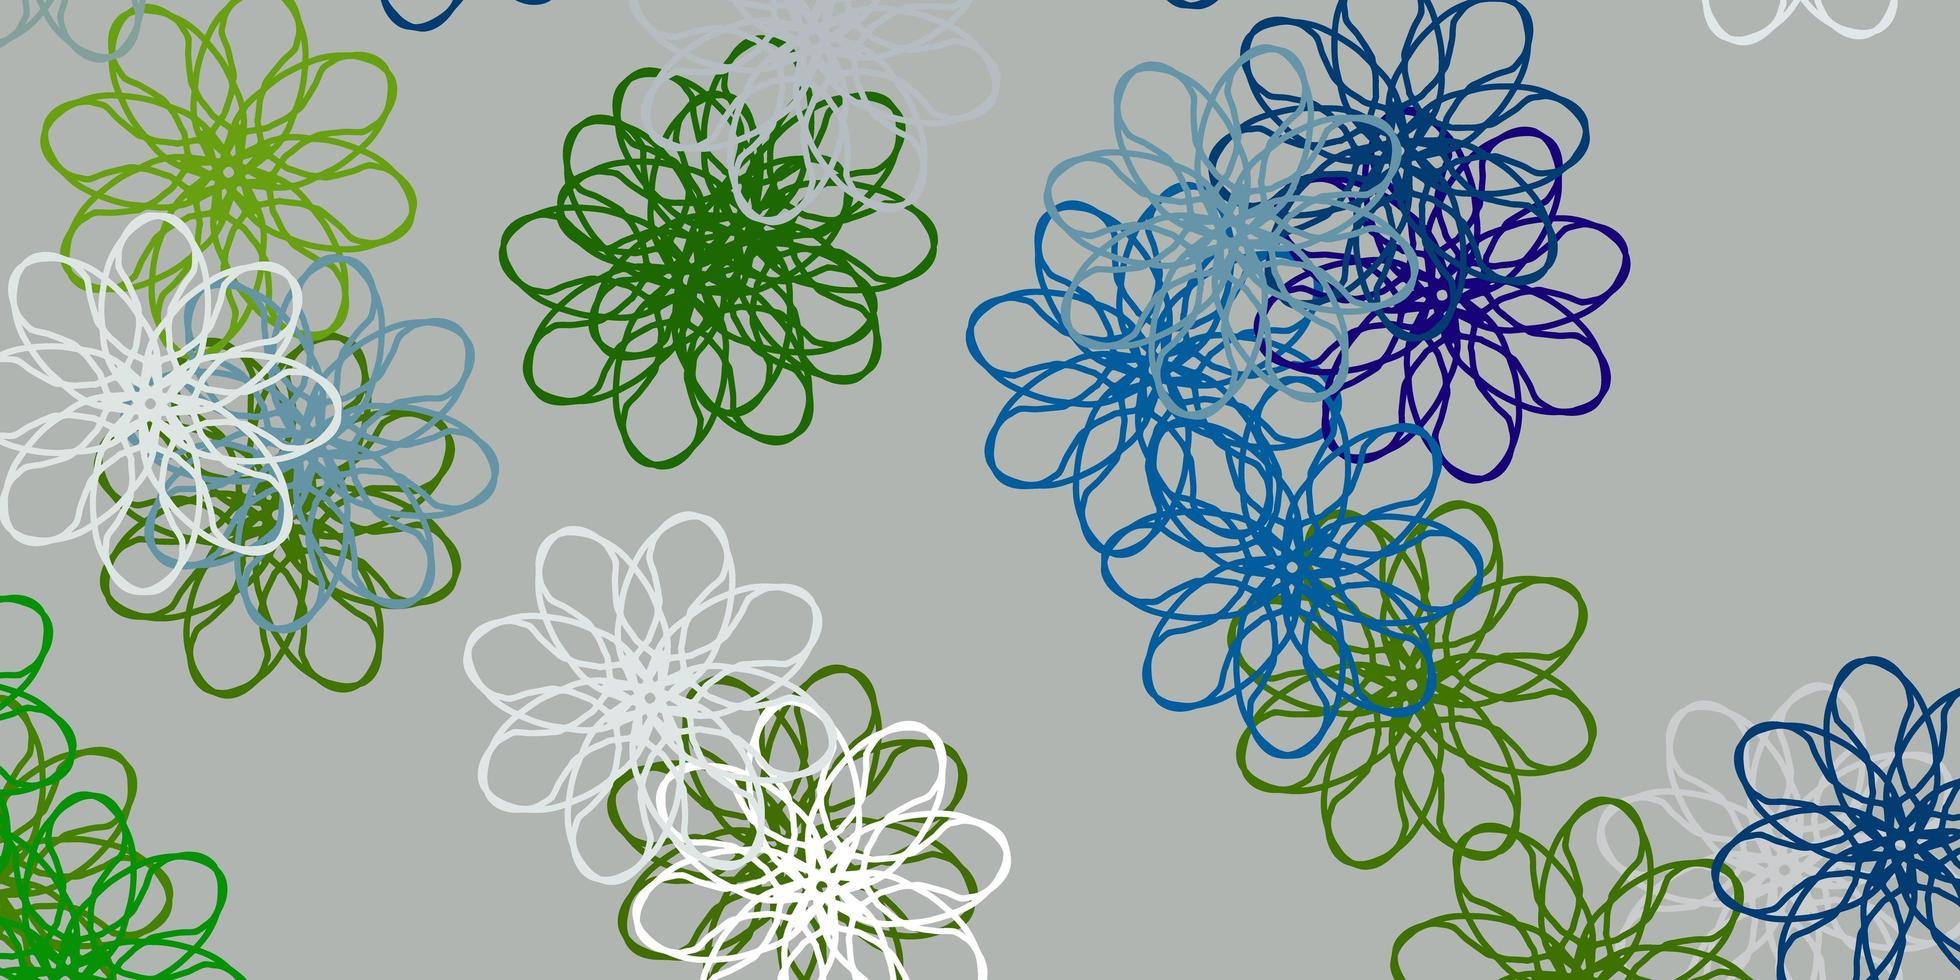 ljusblå, grön vektor doodle mönster med blommor.